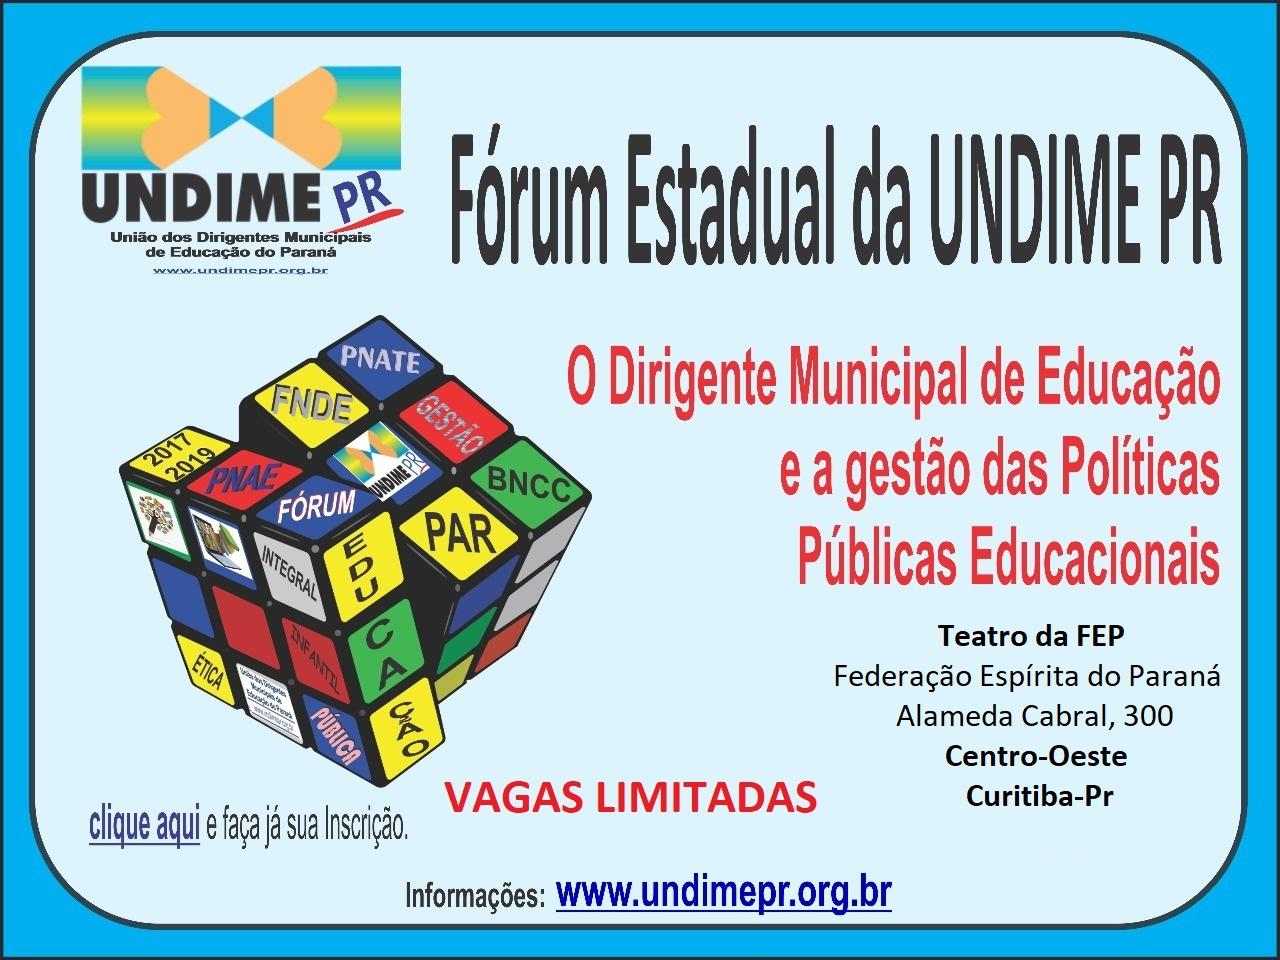 Fórum Estadual da UNDIME-PR